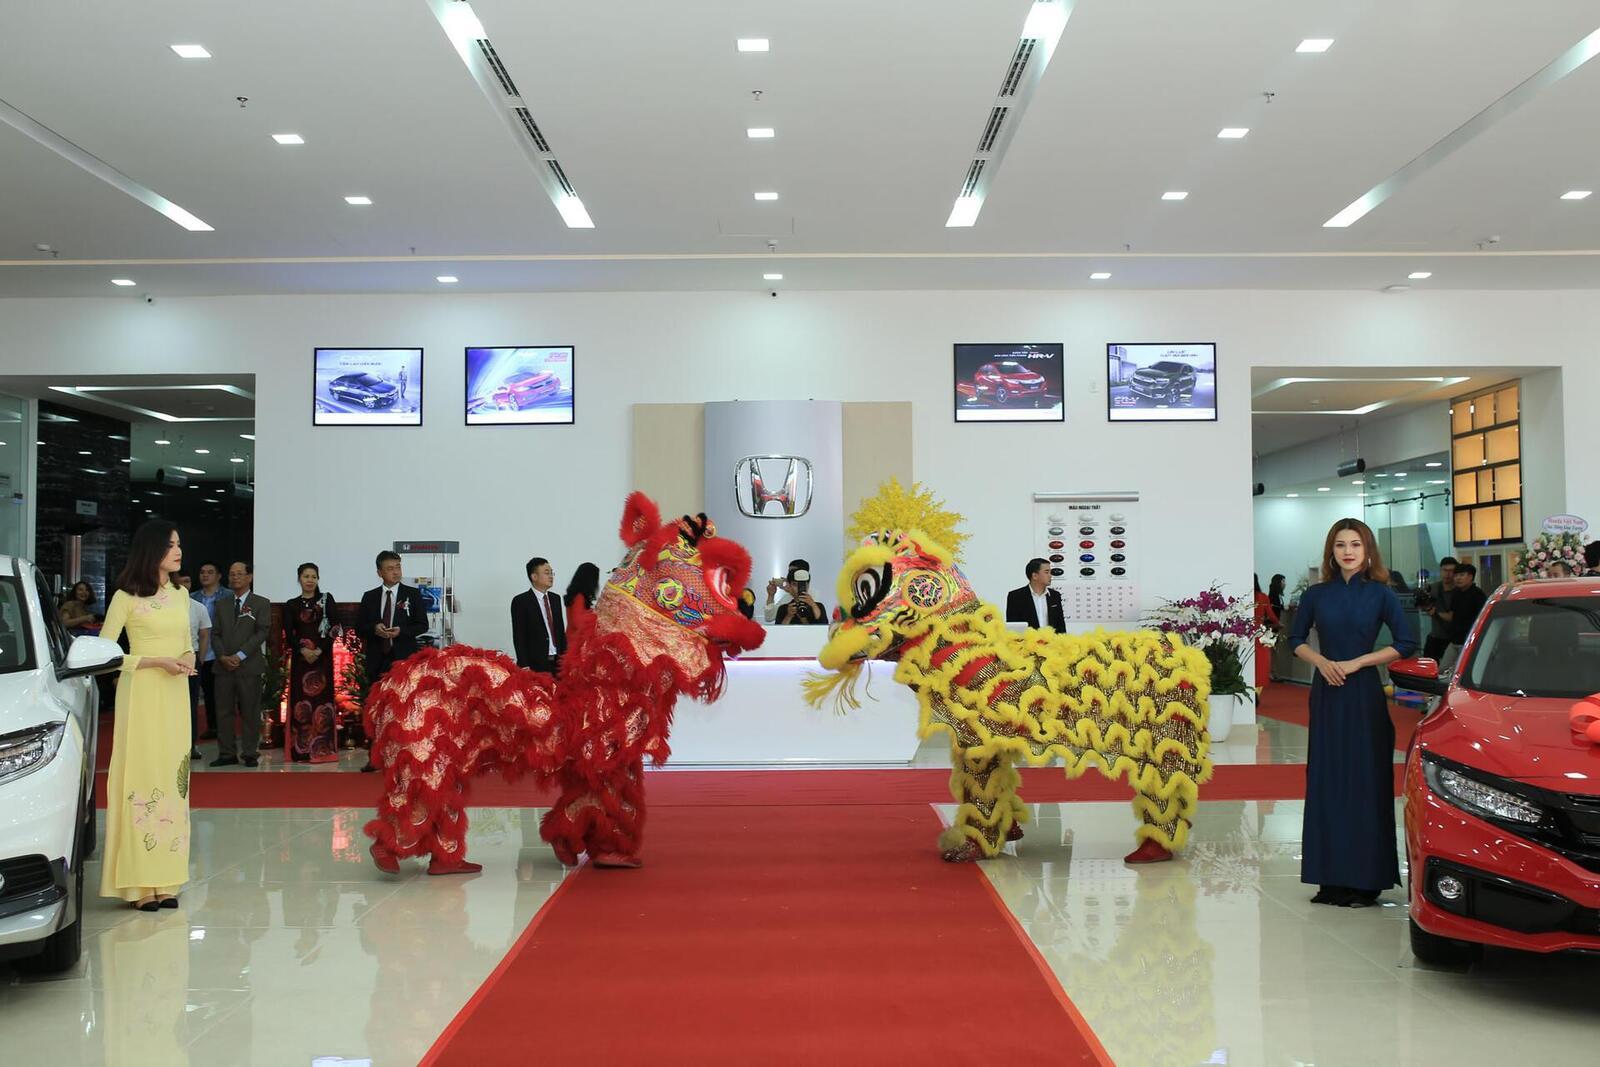 Honda Việt Nam khai trương đại lý tại Quảng Nam – Tam Kỳ, mở rộng thị trường khu vực miền Trung - Hình 6